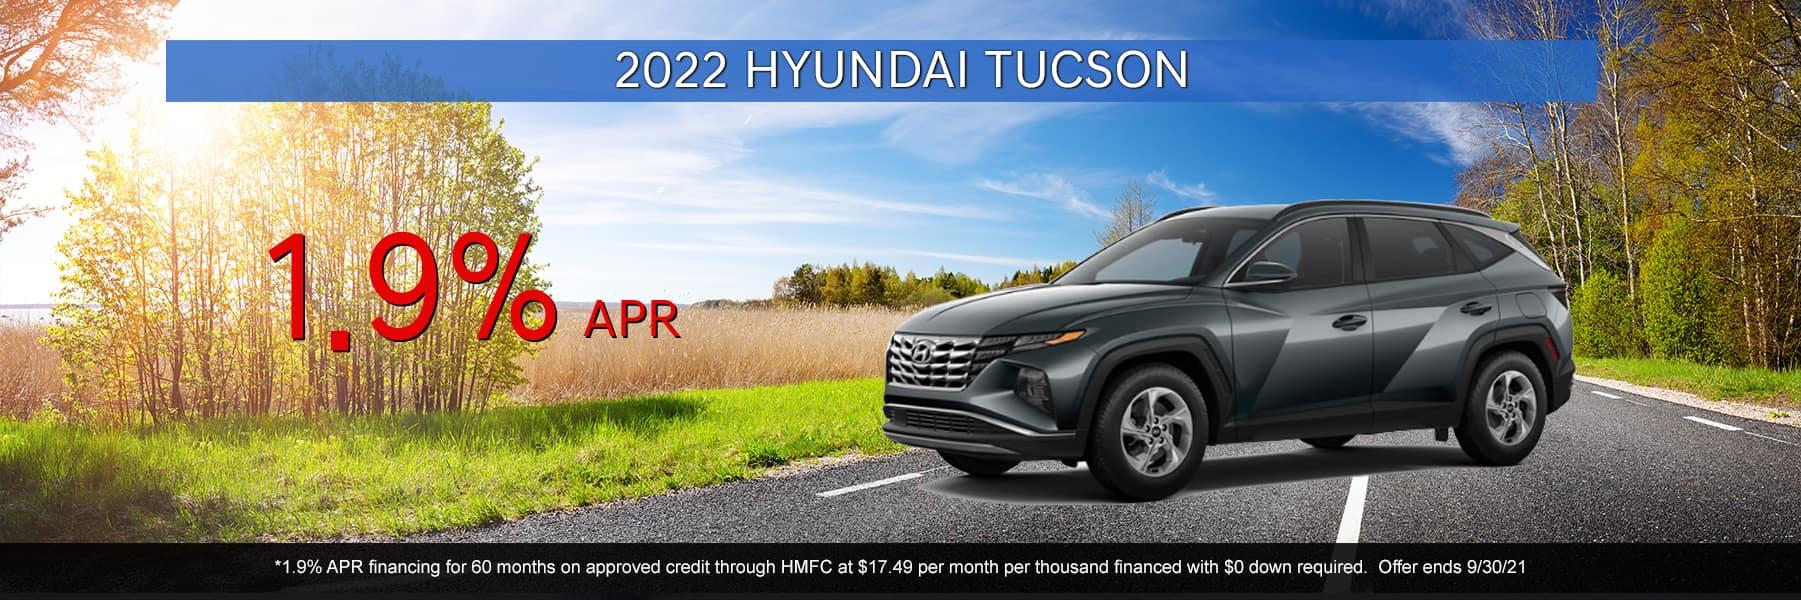 2022-Hyundai-Tucson-Sep21